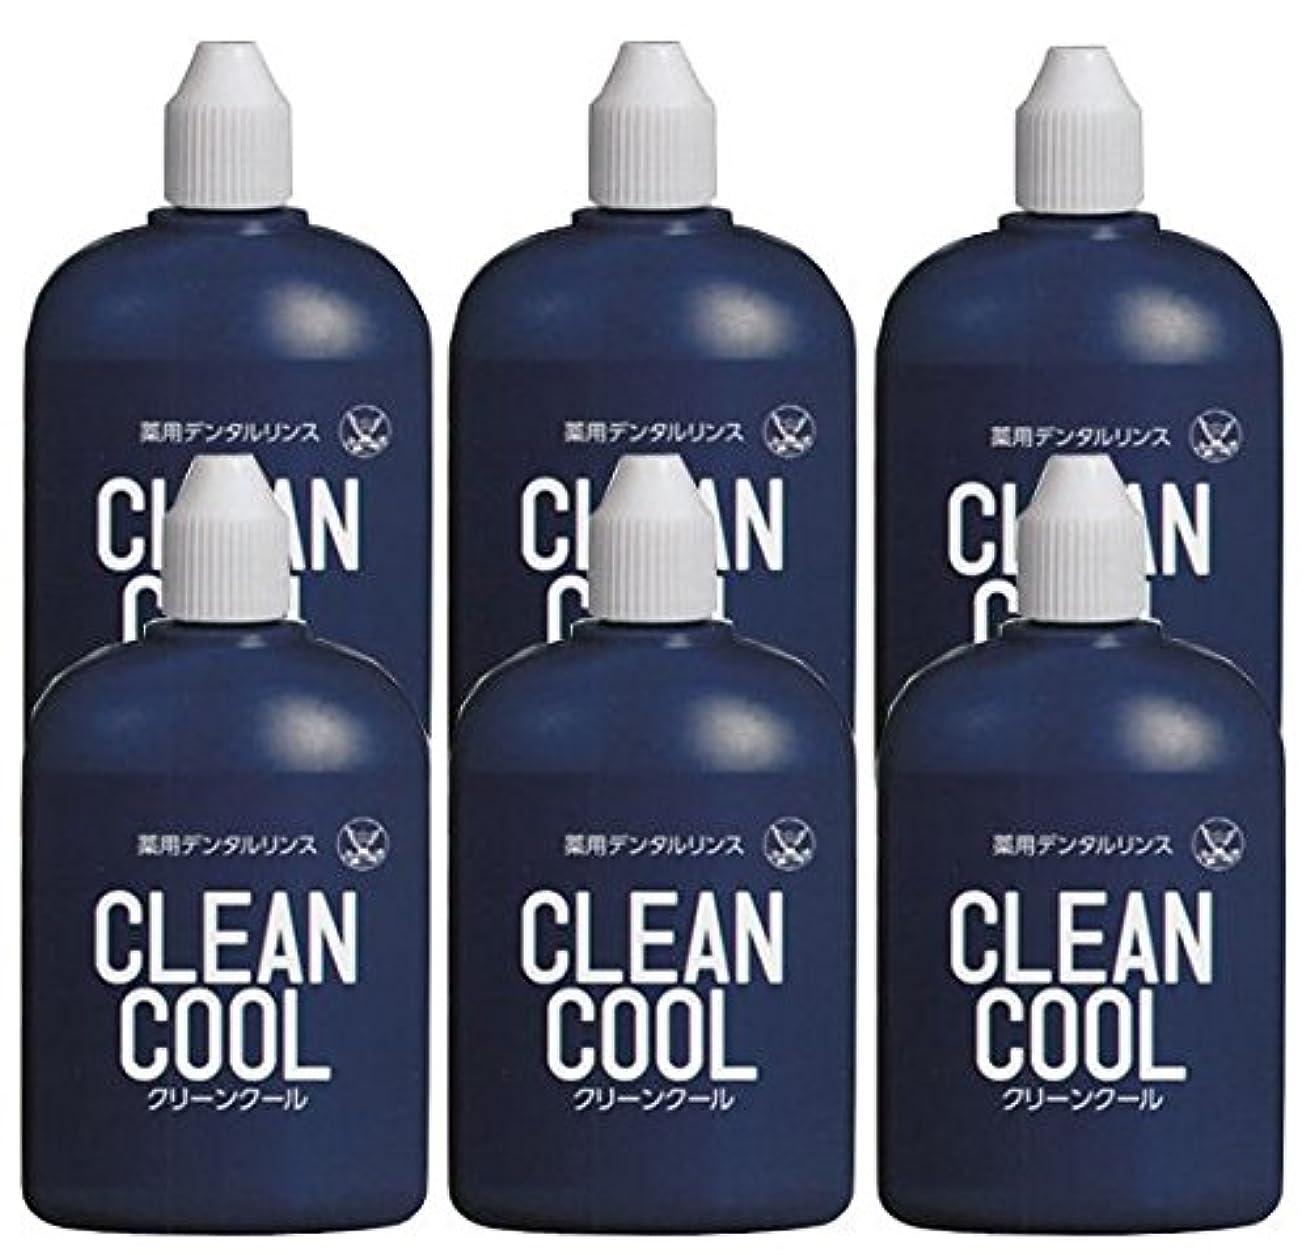 愛運河配管薬用デンタルリンス クリーンクール (CLEAN COOL) 洗口液 100ml × 6個